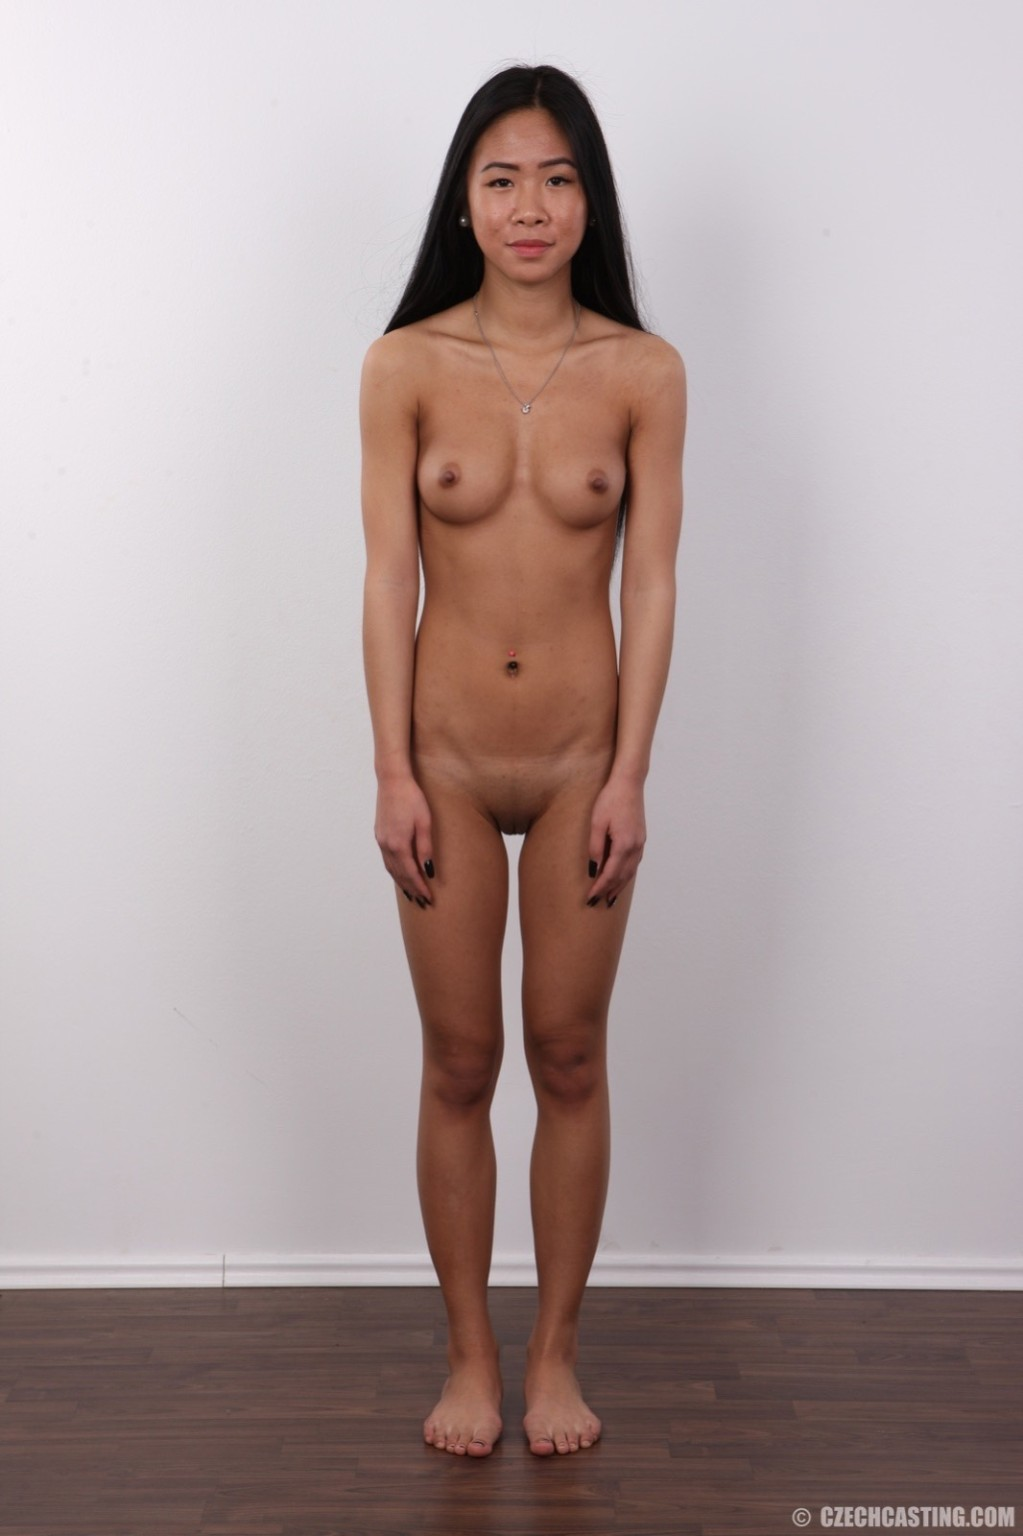 Стройная молодая азиатка приходит на кастинг и раздевается, чтобы дать заснять свое красивое тело